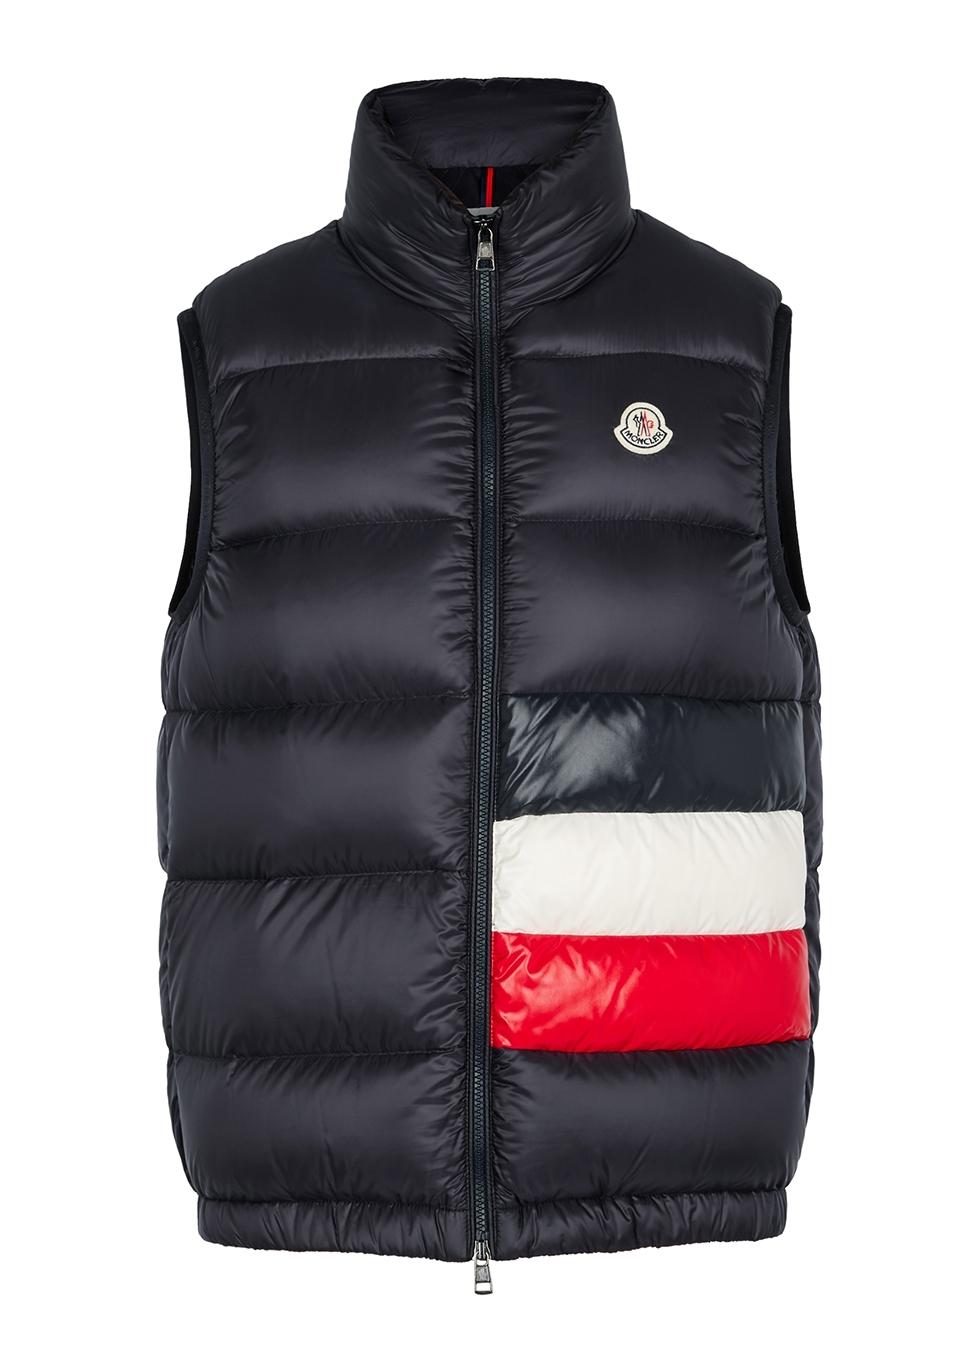 209b368a9802e2 Moncler - Designer Jackets, Coats, Gilets - Harvey Nichols